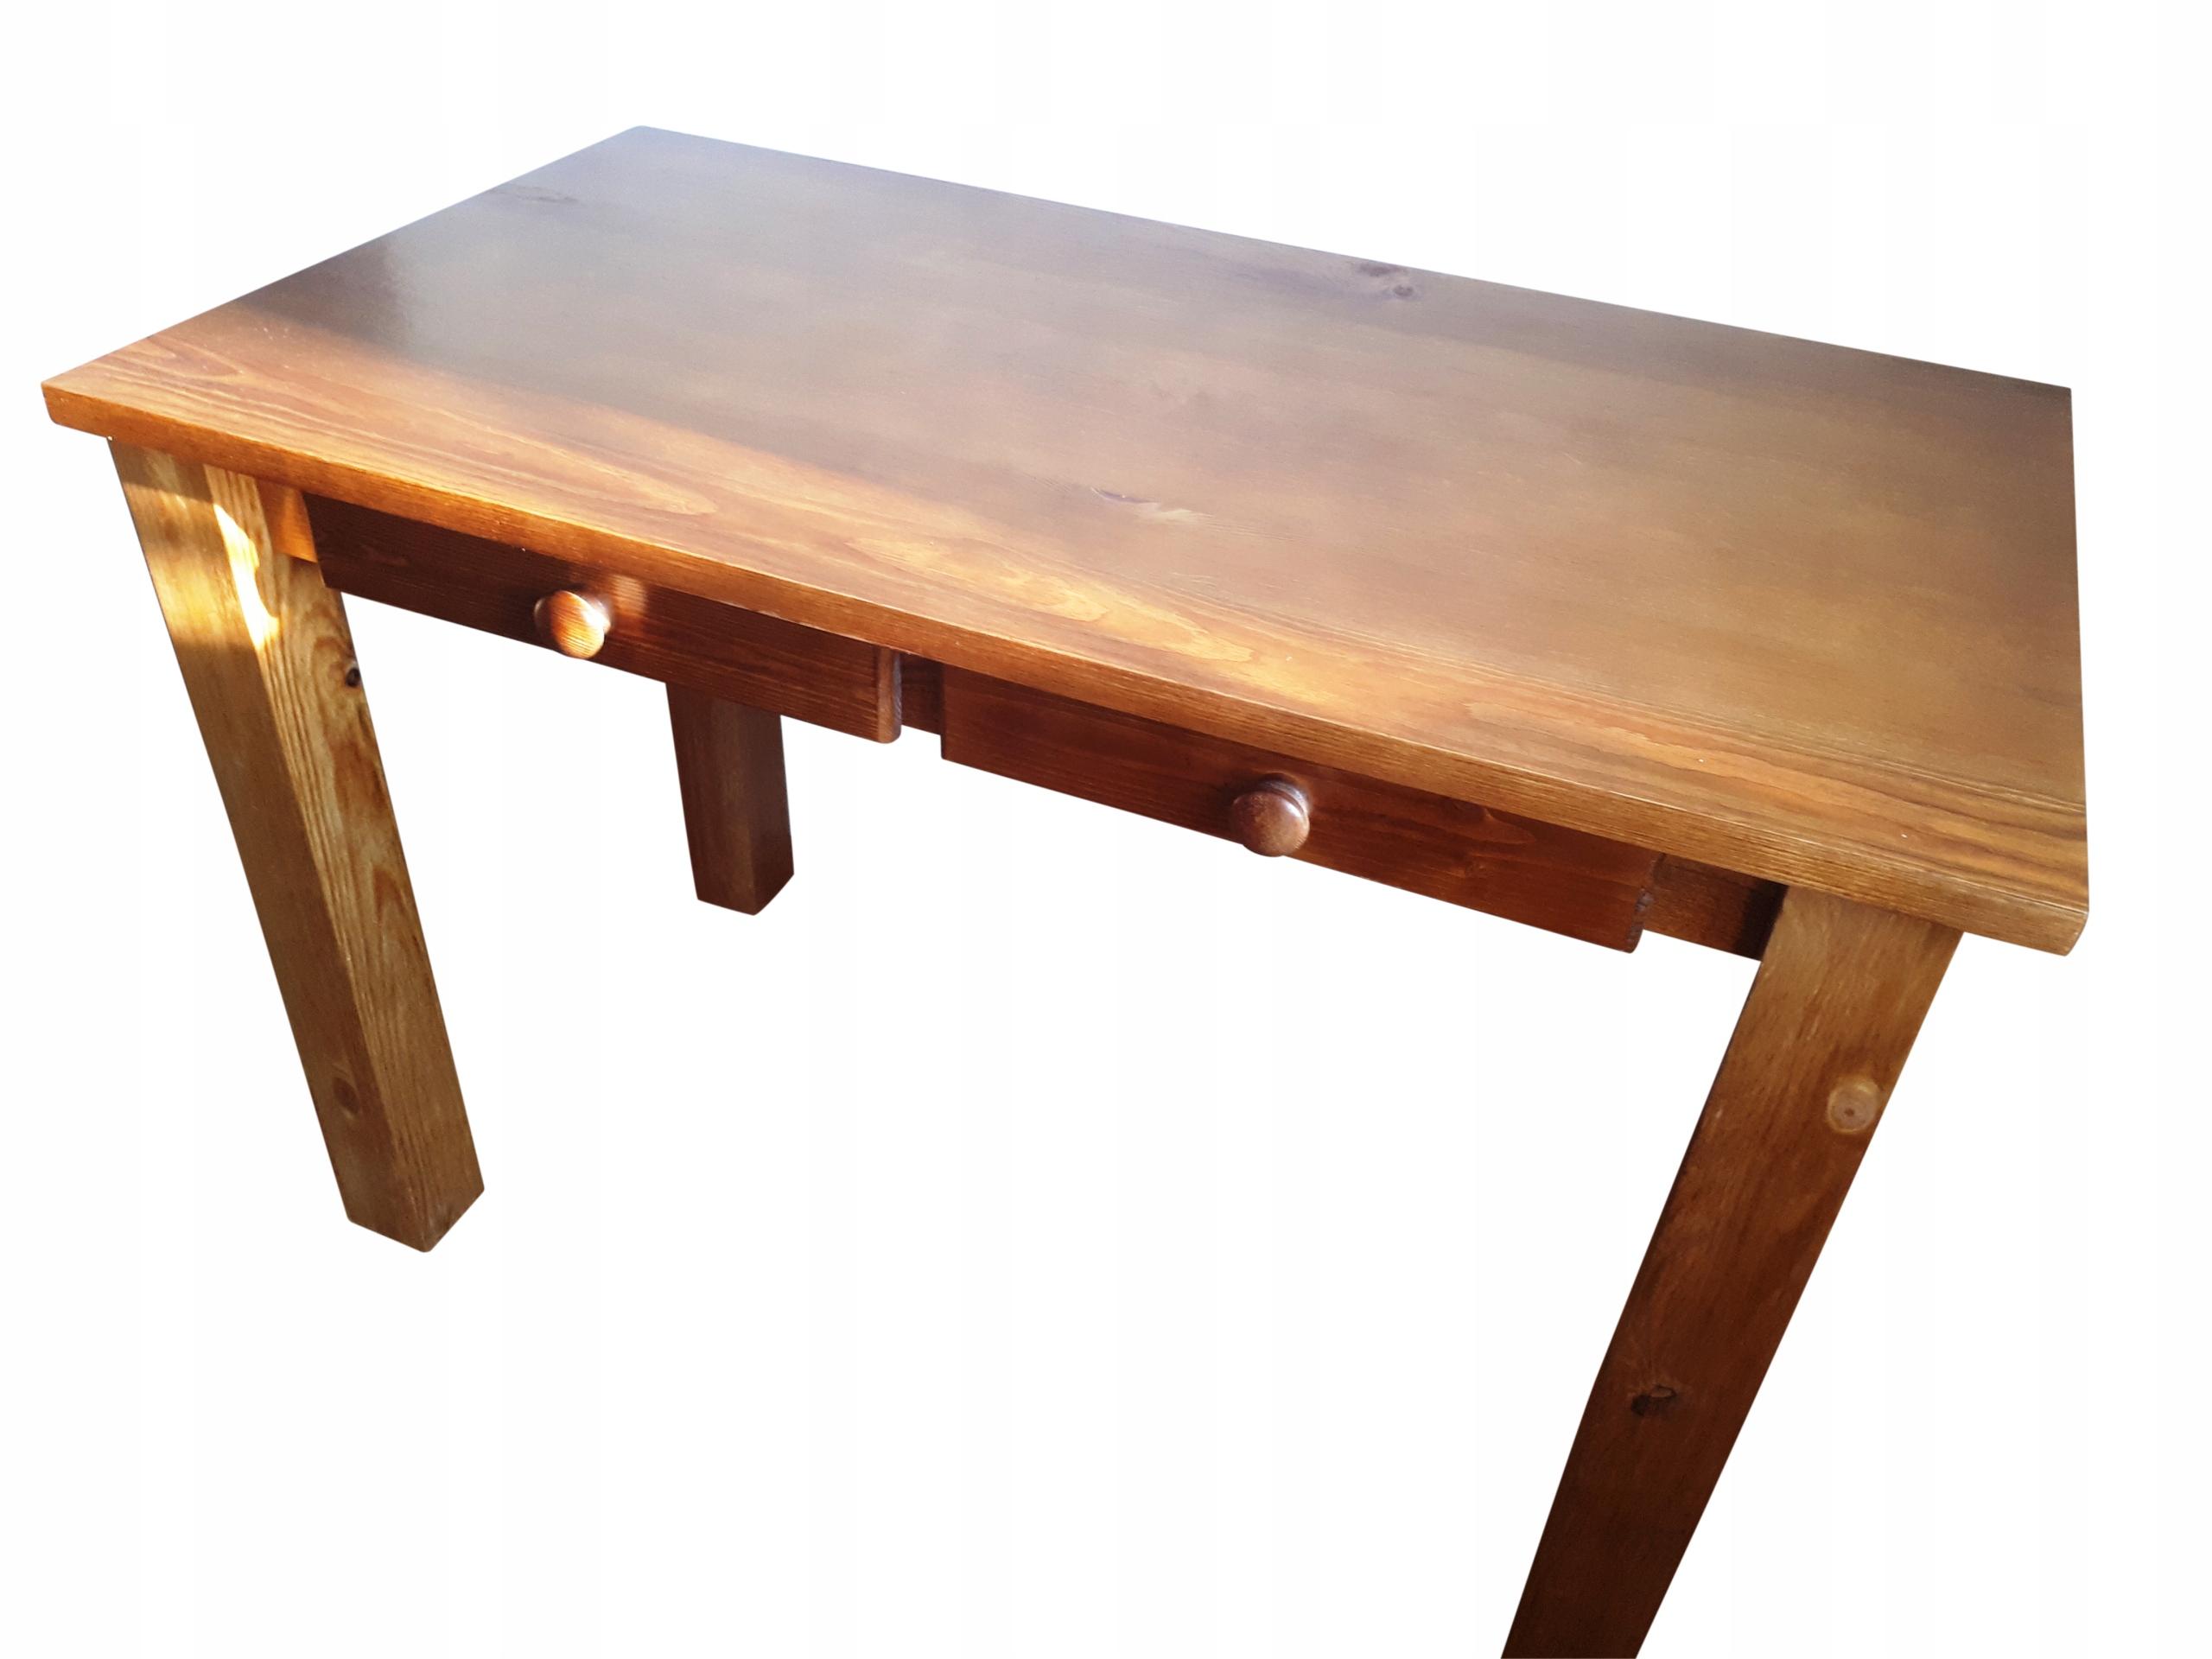 Stół drewniany sosnowy 100x70 ELEGANCKI NOWOCZESNY Kod produktu ..